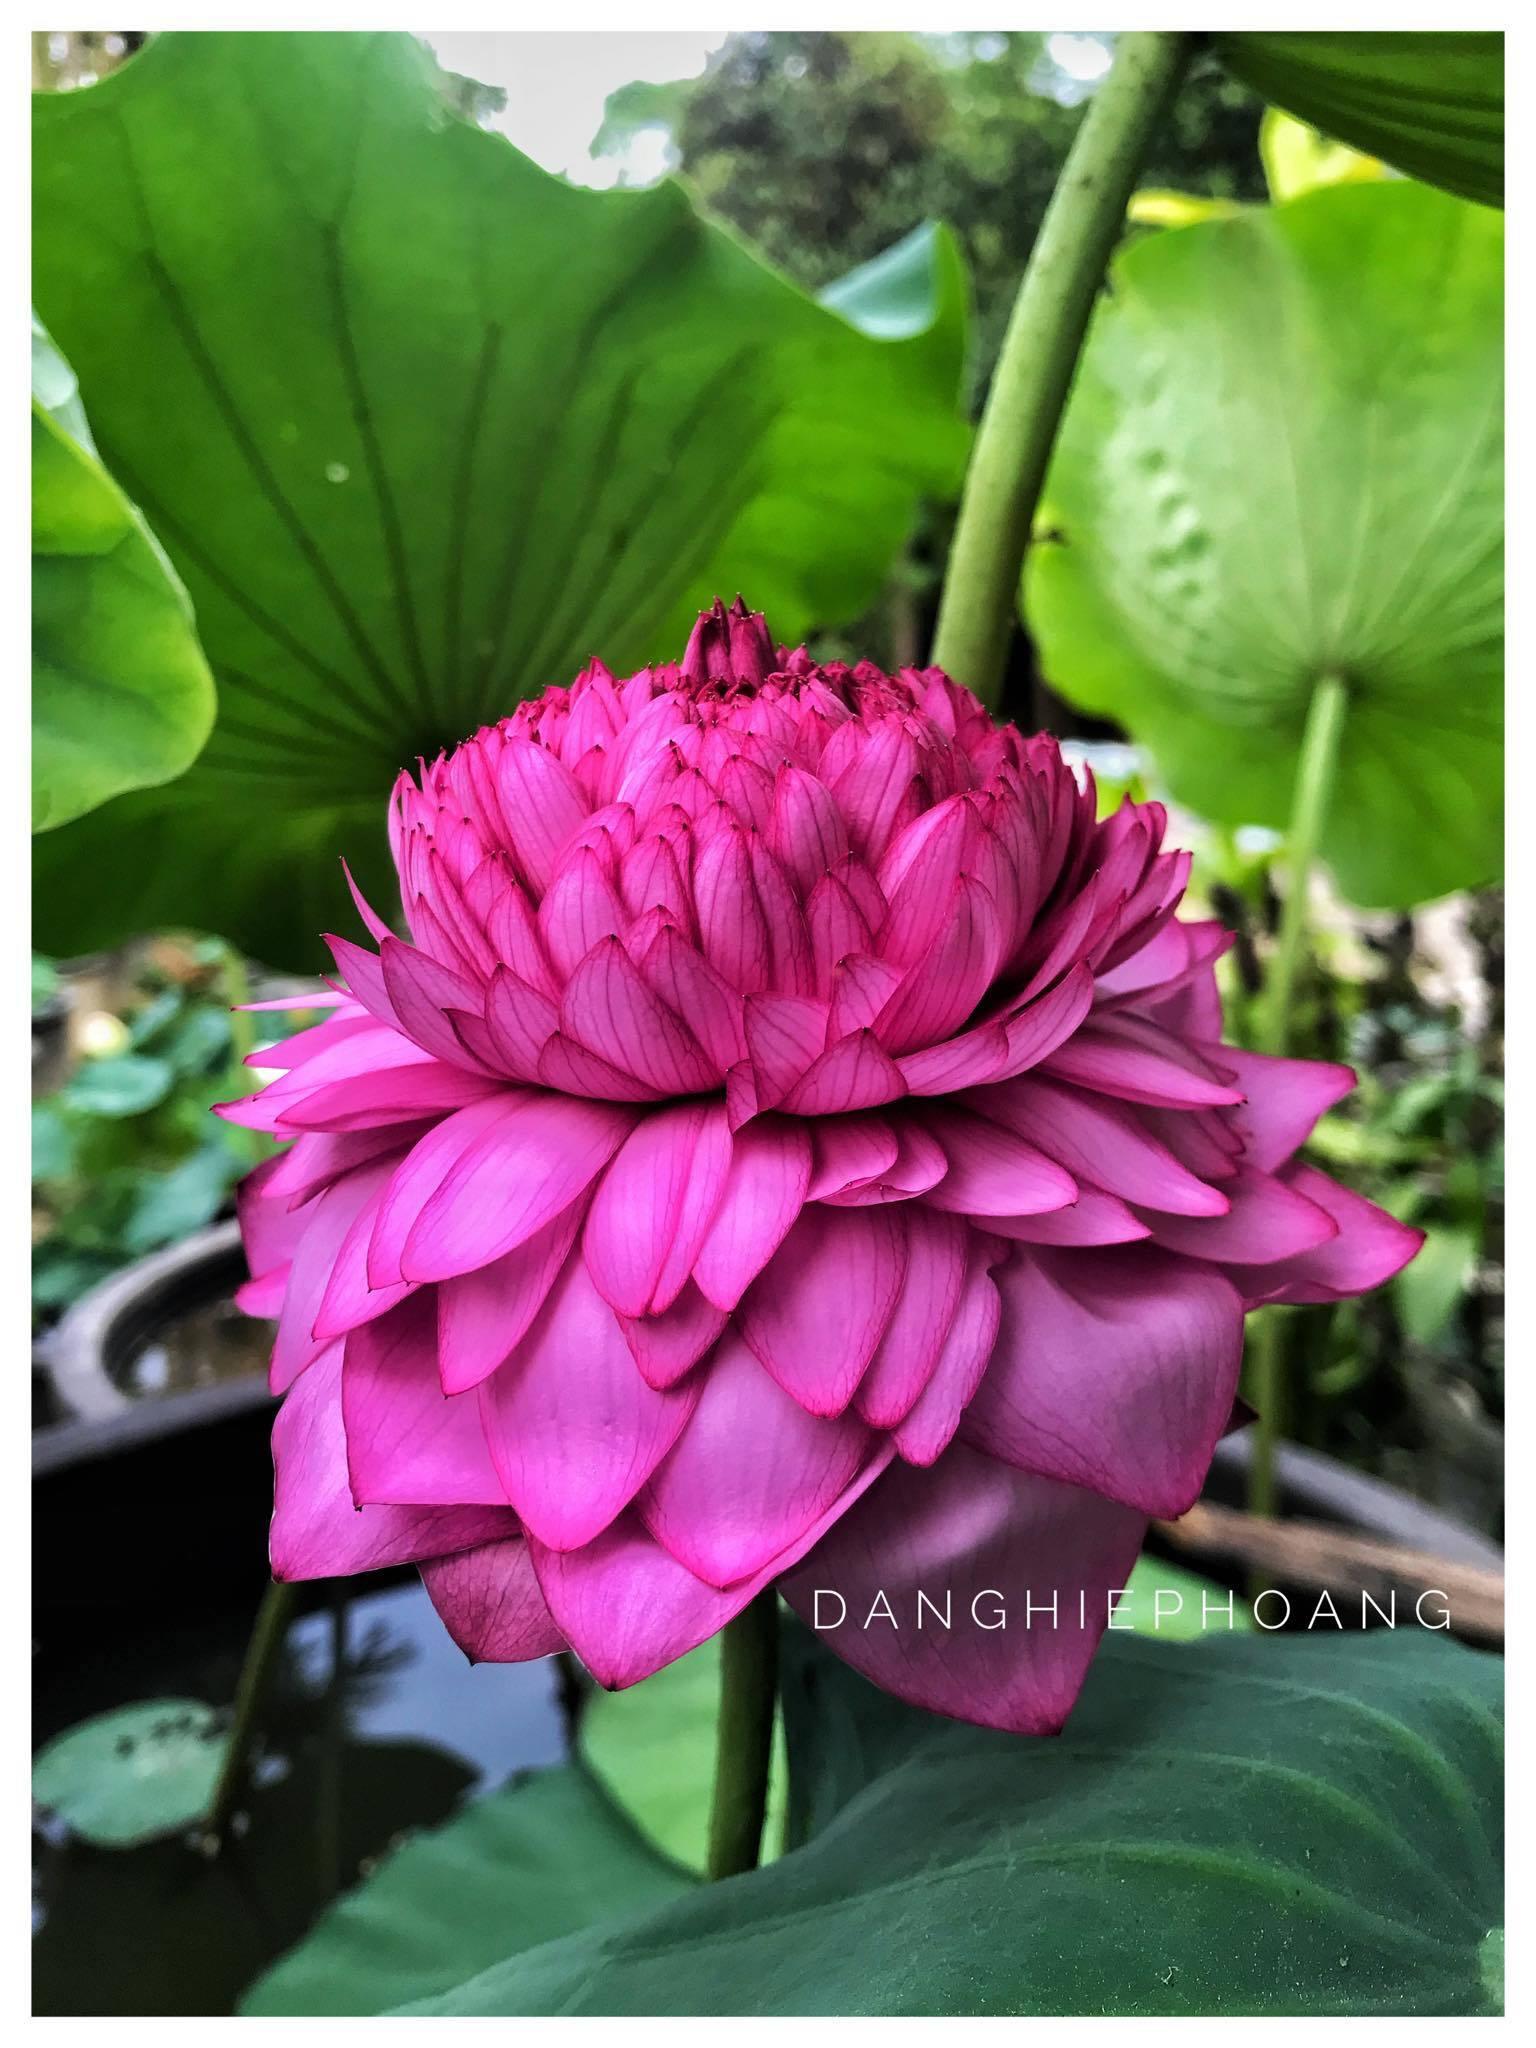 Bông sen khổng lồ cuống cao bằng người, lá rộng sải tay, hoa ngàn cánh